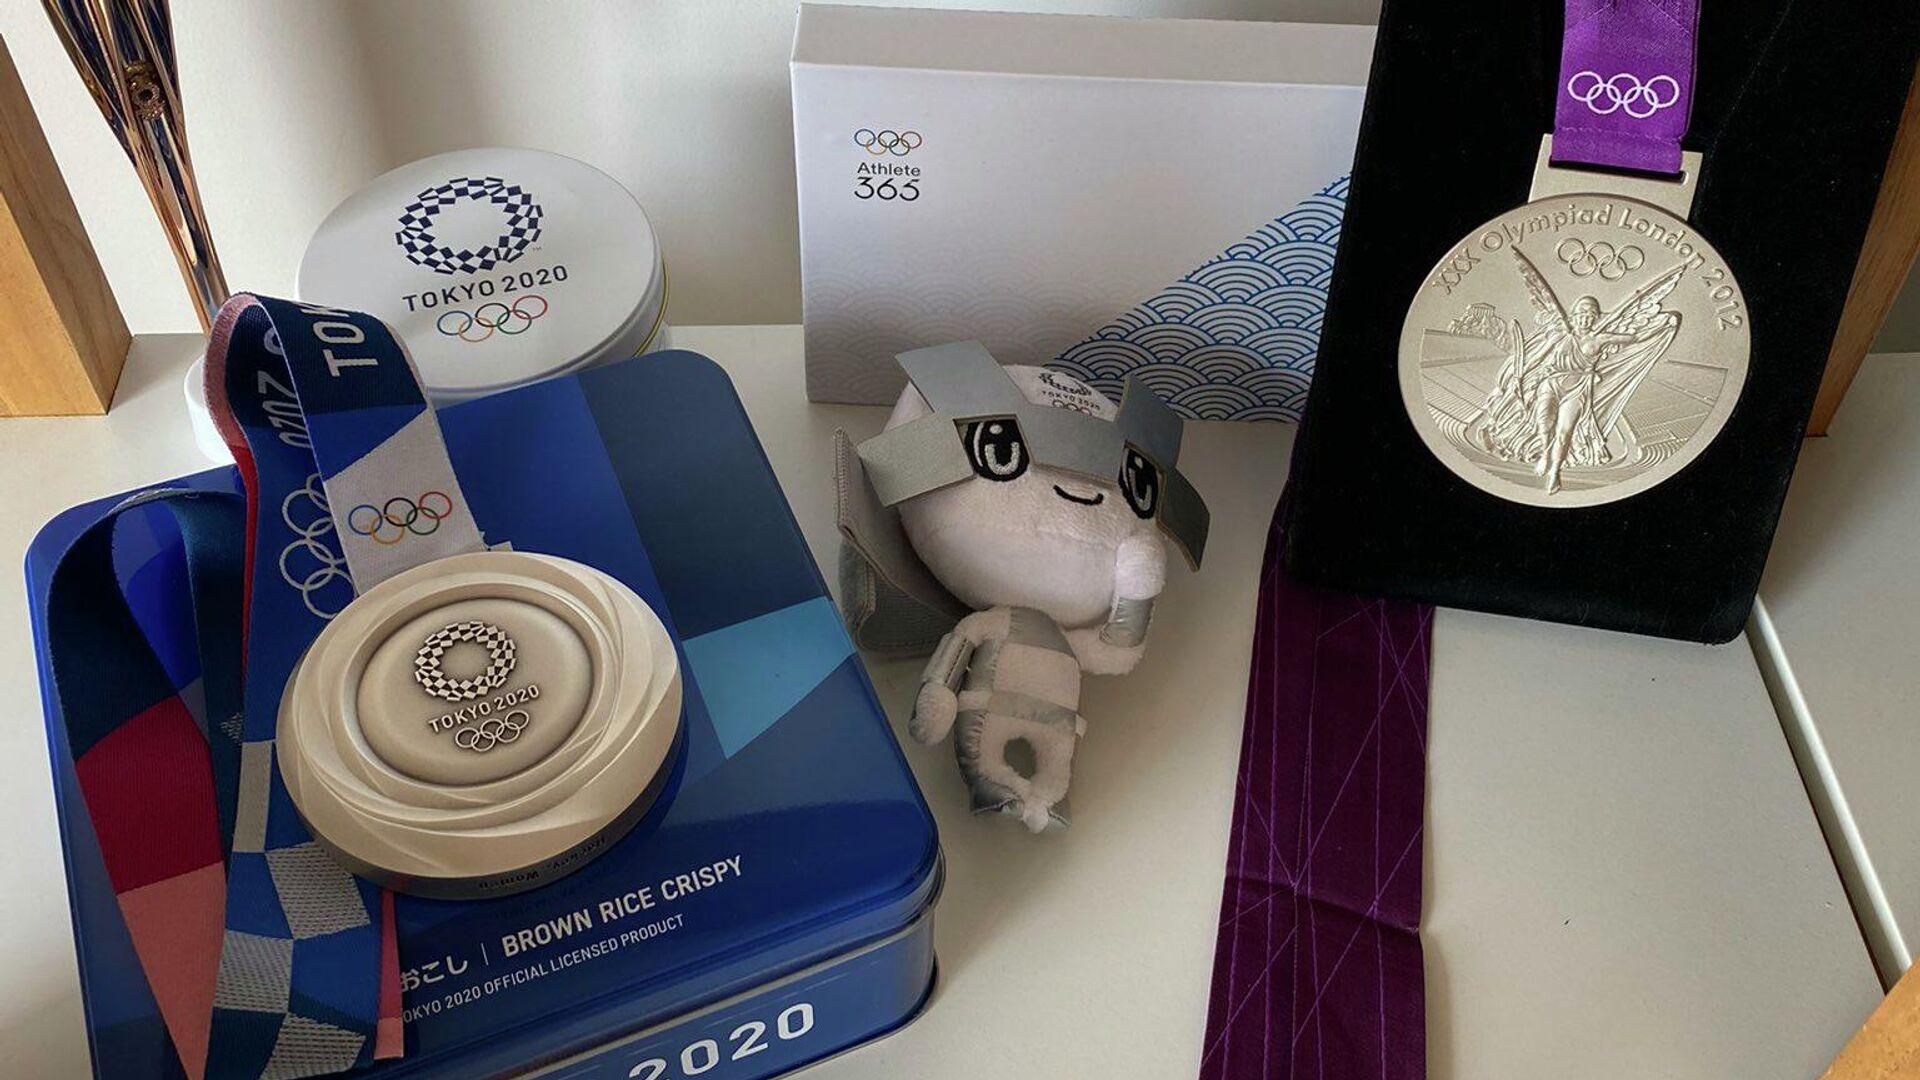 Una medalla de plata de los JJOO Tokyo 2020 - Sputnik Mundo, 1920, 09.09.2021